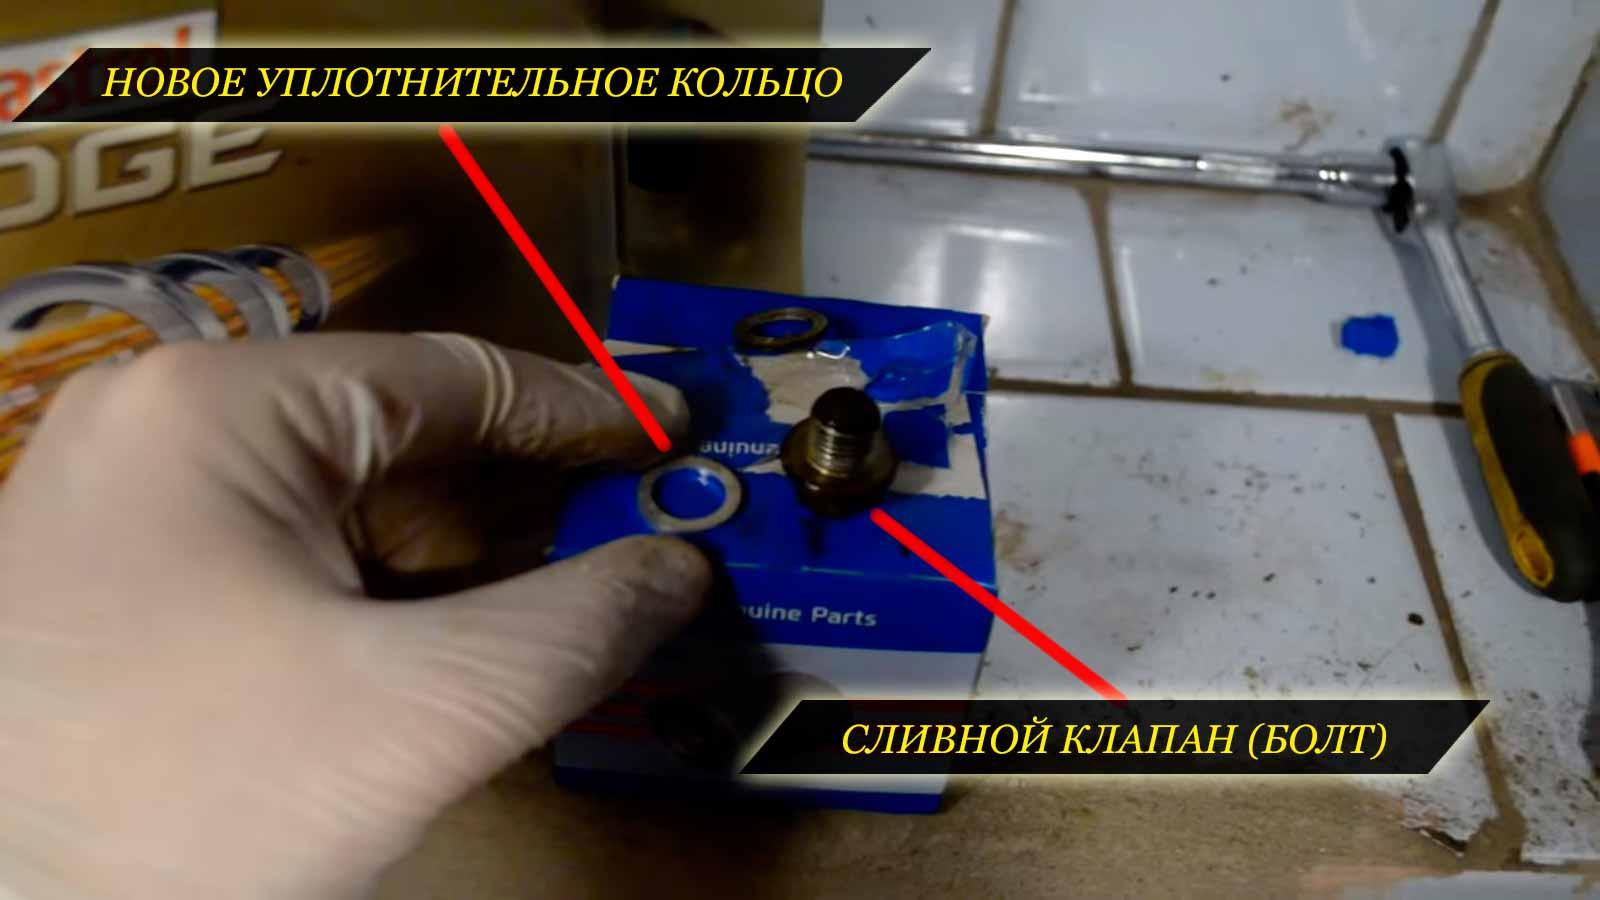 Новое уплотнительное кольцо (шайба) для сливного болта